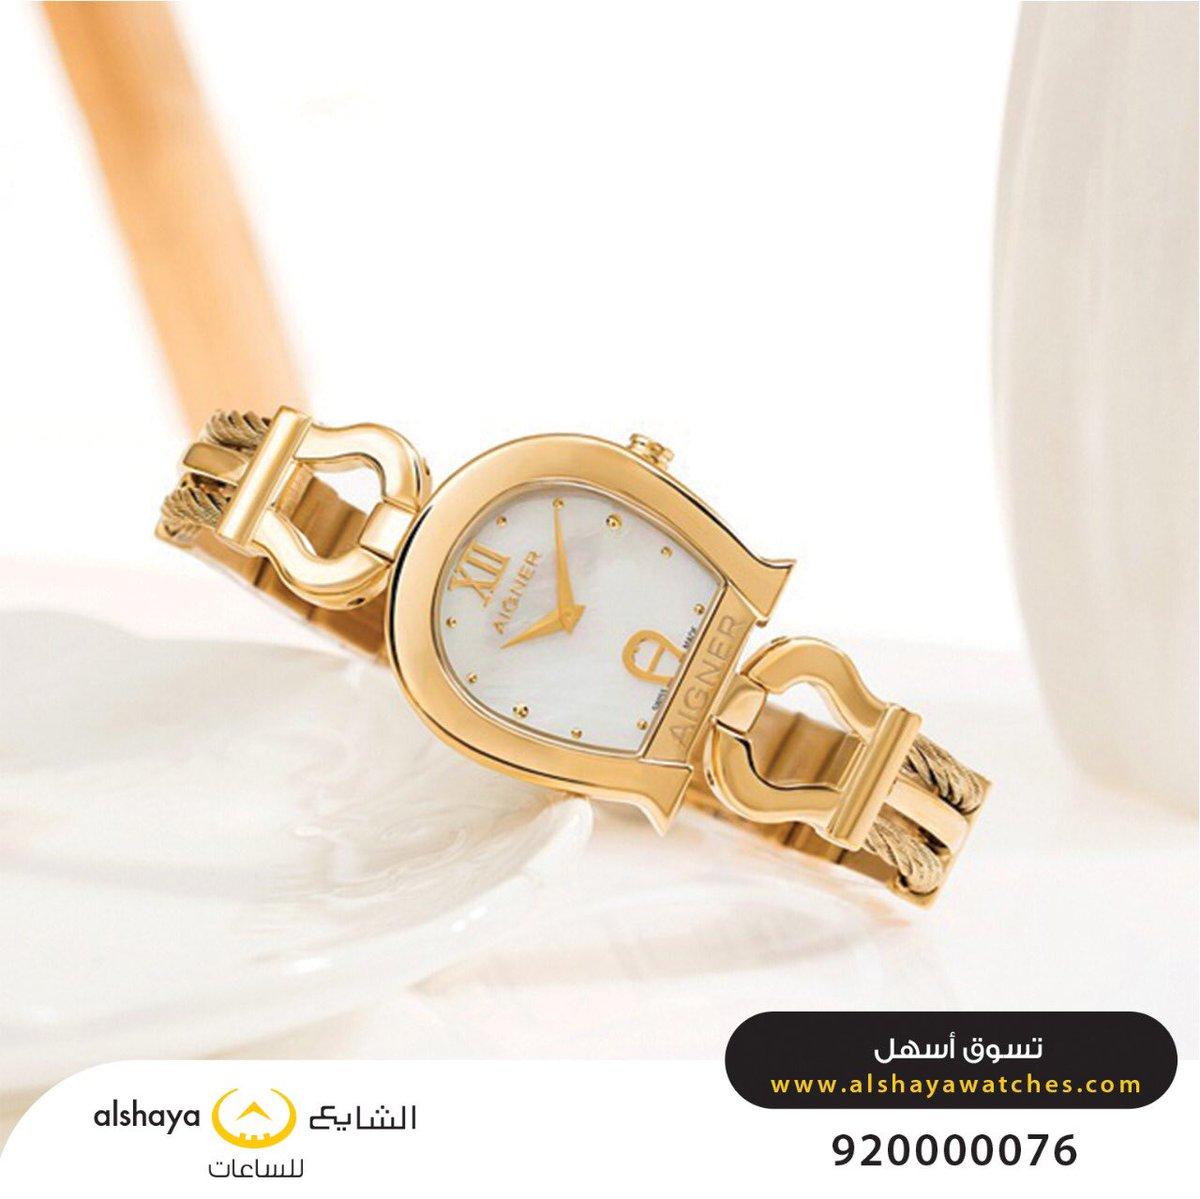 a548f8055f5ff لهواة الغموض و  التميز صممت هذه الساعة من أجلكم ، ساعة من AIGNER ذات لون  ذهبي  أنيق و تفاصيل جذابة تجعل من هذه الساعة قطعة مثالية لك.